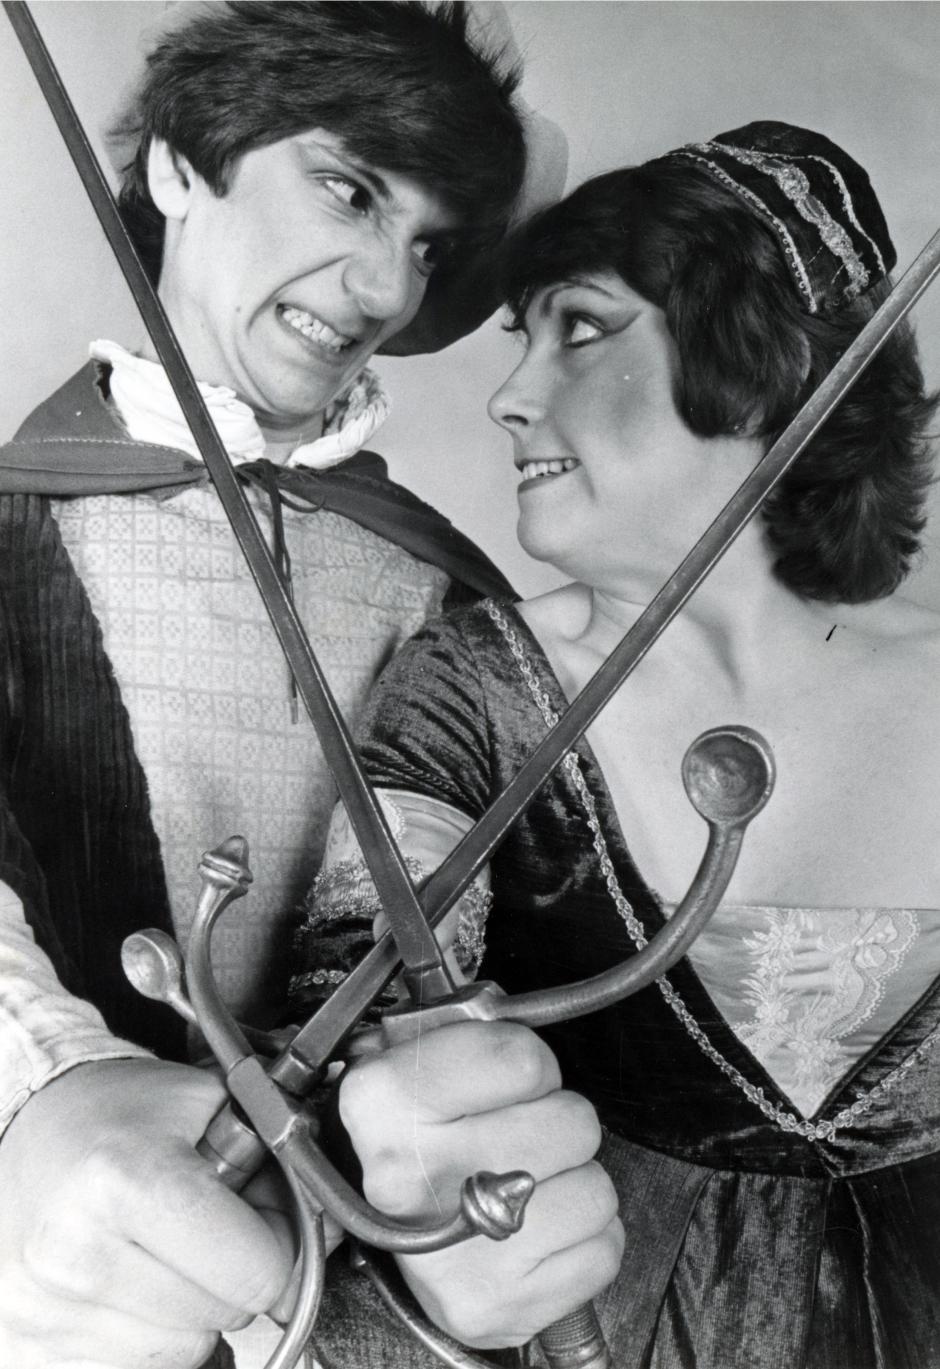 Image of actors crossing swards.